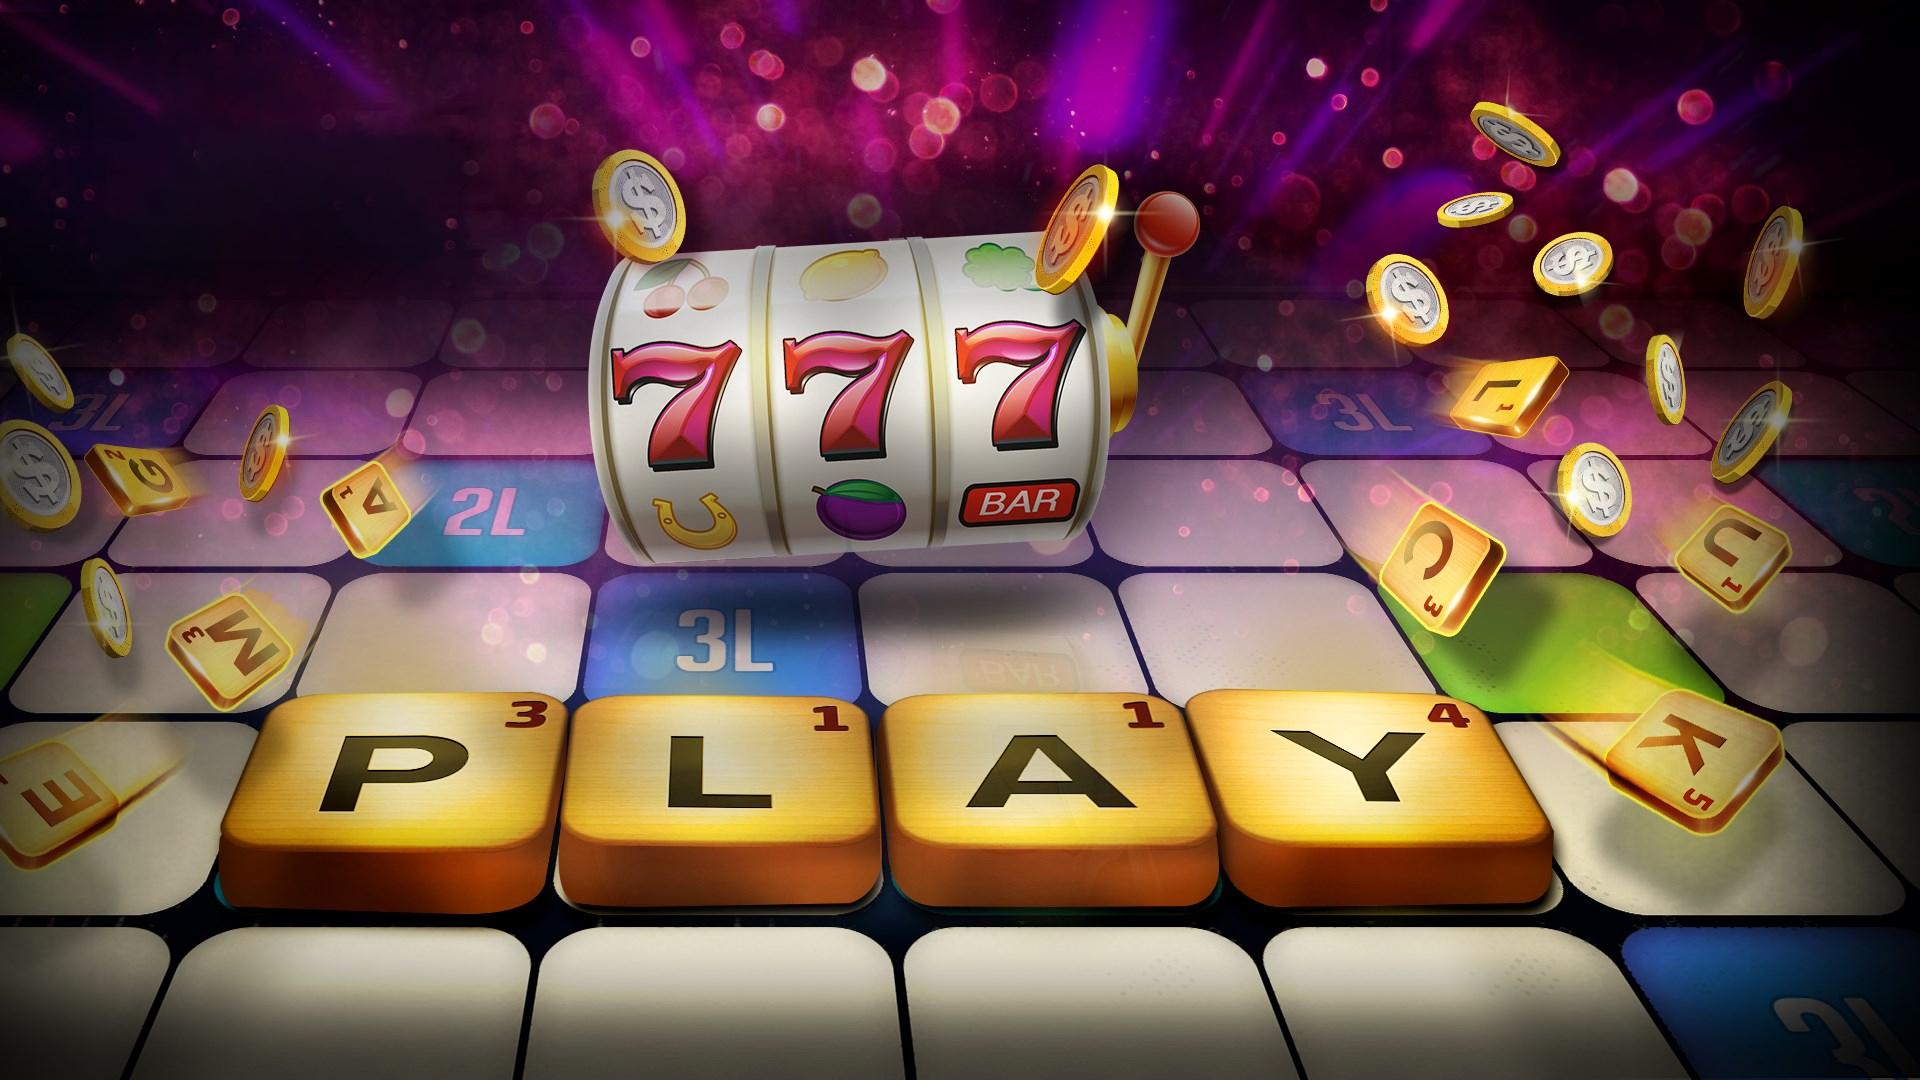 Bonus Game Slot Spin - Mulai permainan di fasilitas taruhan yang menarik Anda dapat menemukan lebih banyak layanan seperti game slot online spin online. Game yang tinggal di fasilitas online menggunakan Internet,